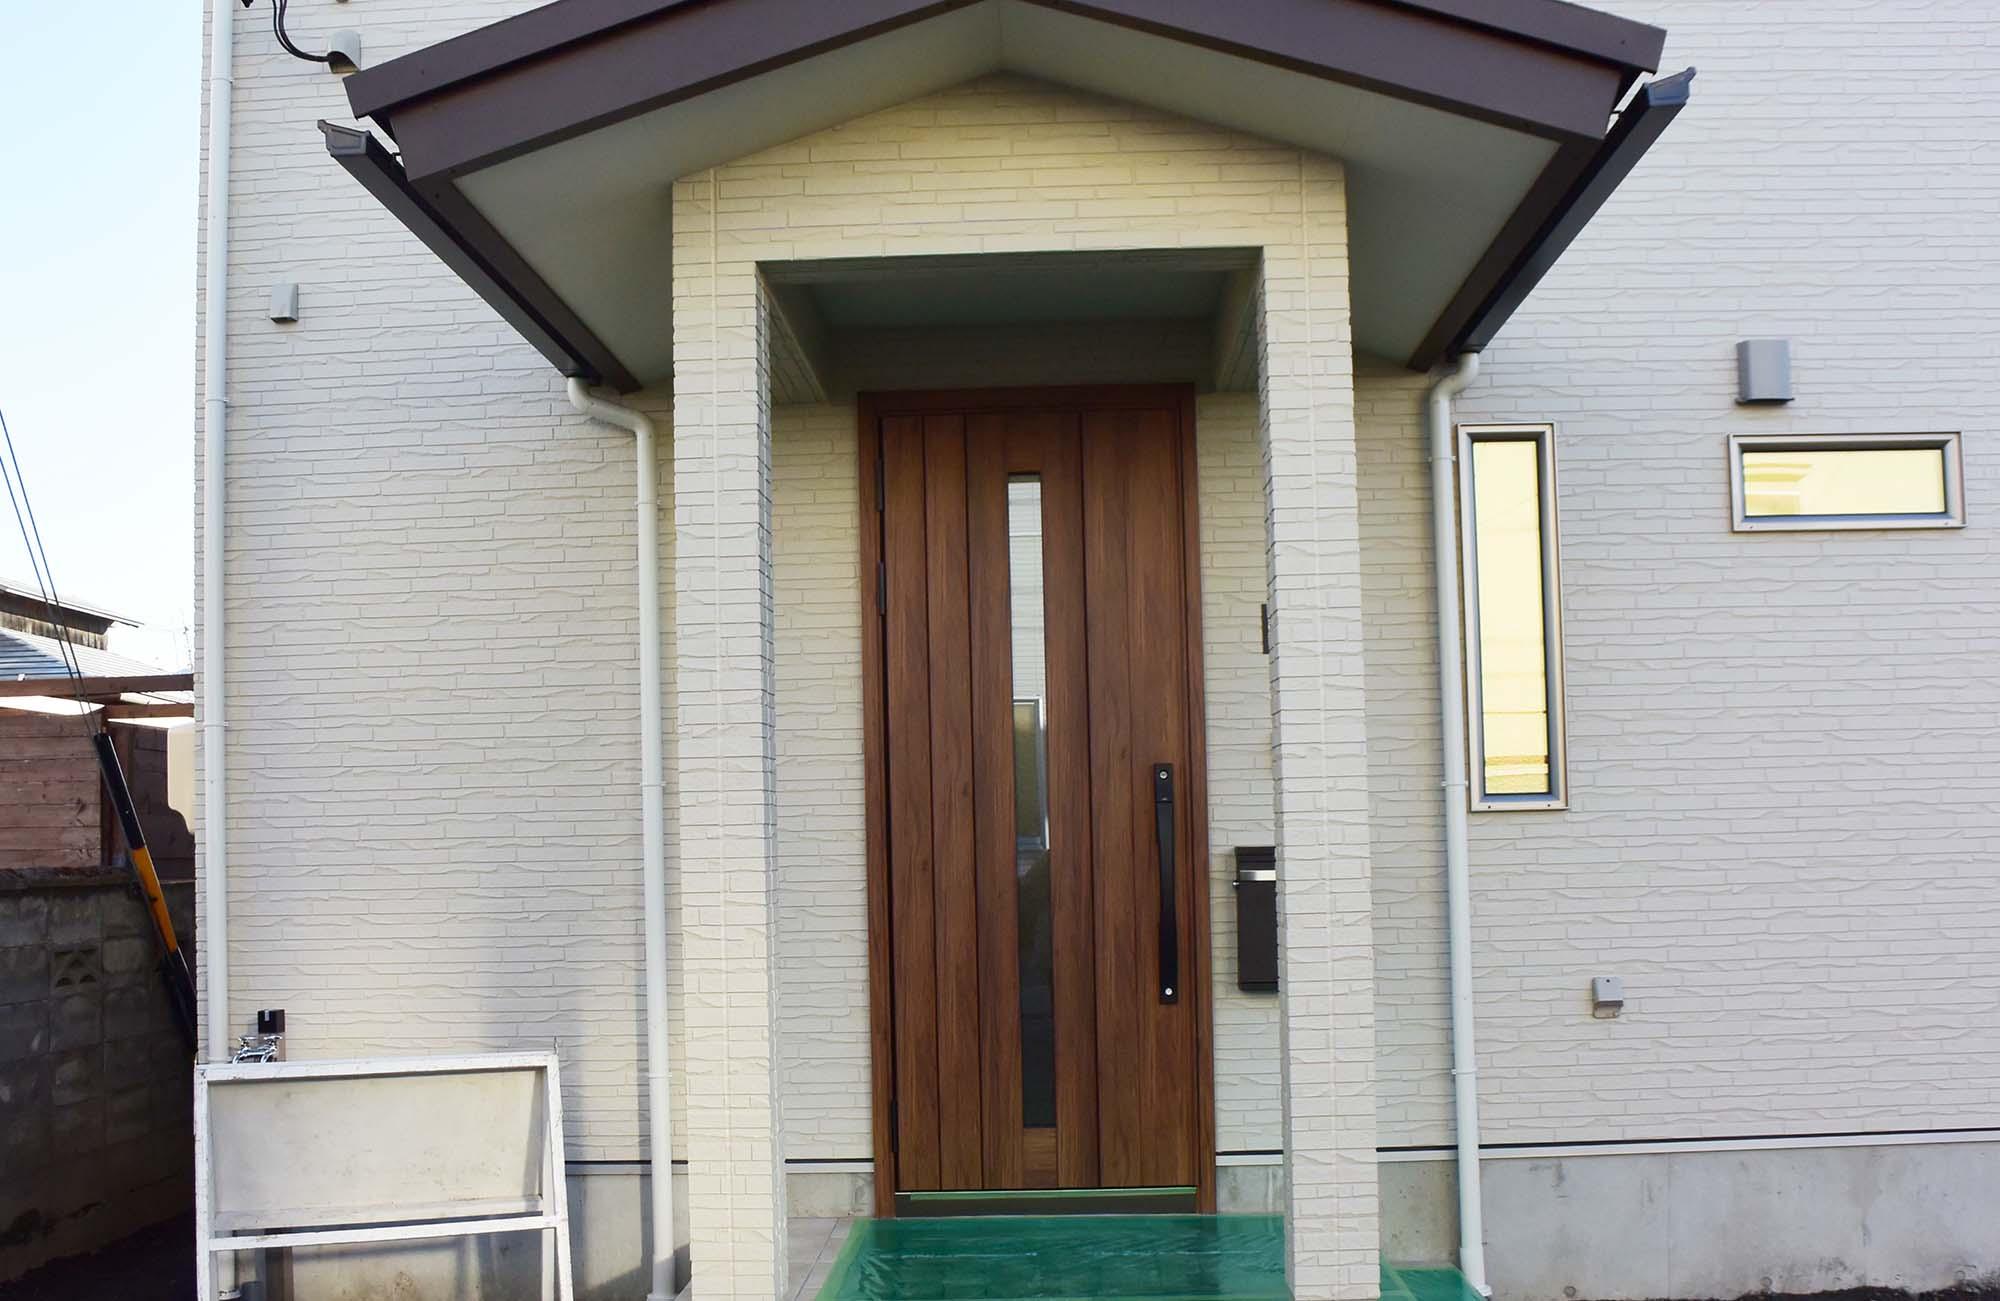 落ち着いた色合いの綺麗な外壁。堂々とした玄関ポーチ。